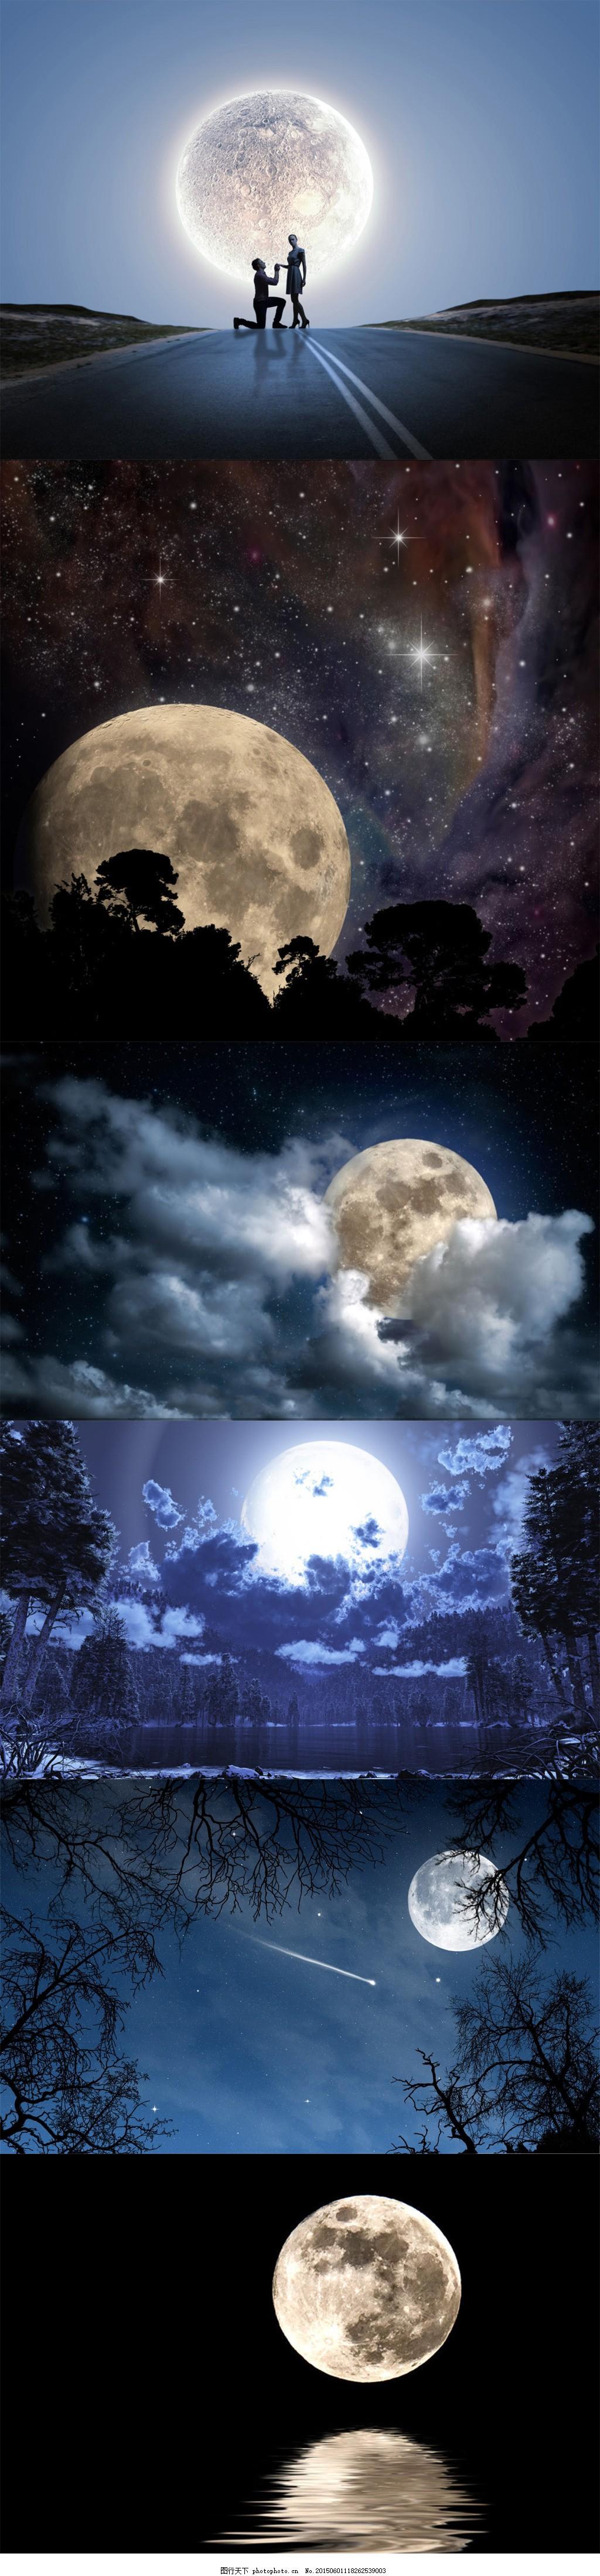 月亮月球唯美星空背景图片